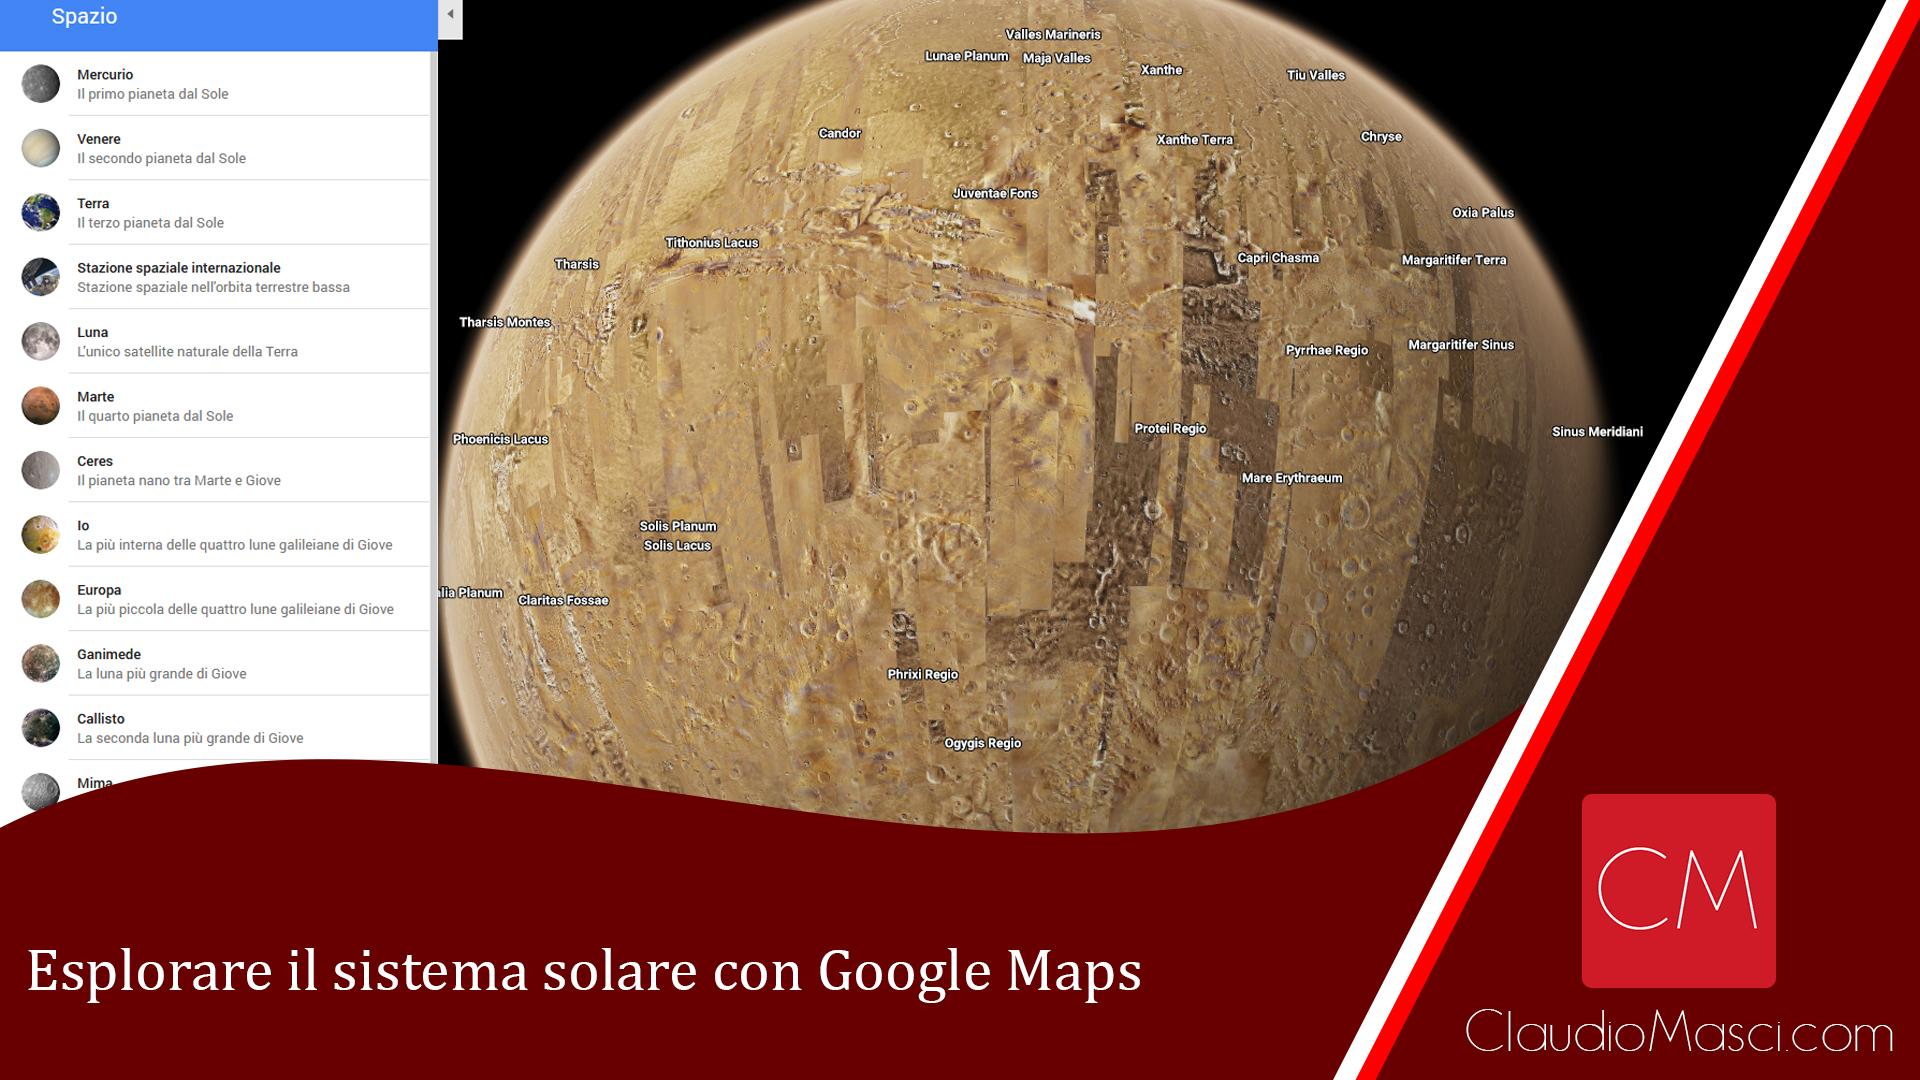 Esplorare il sistema solare con Google Maps